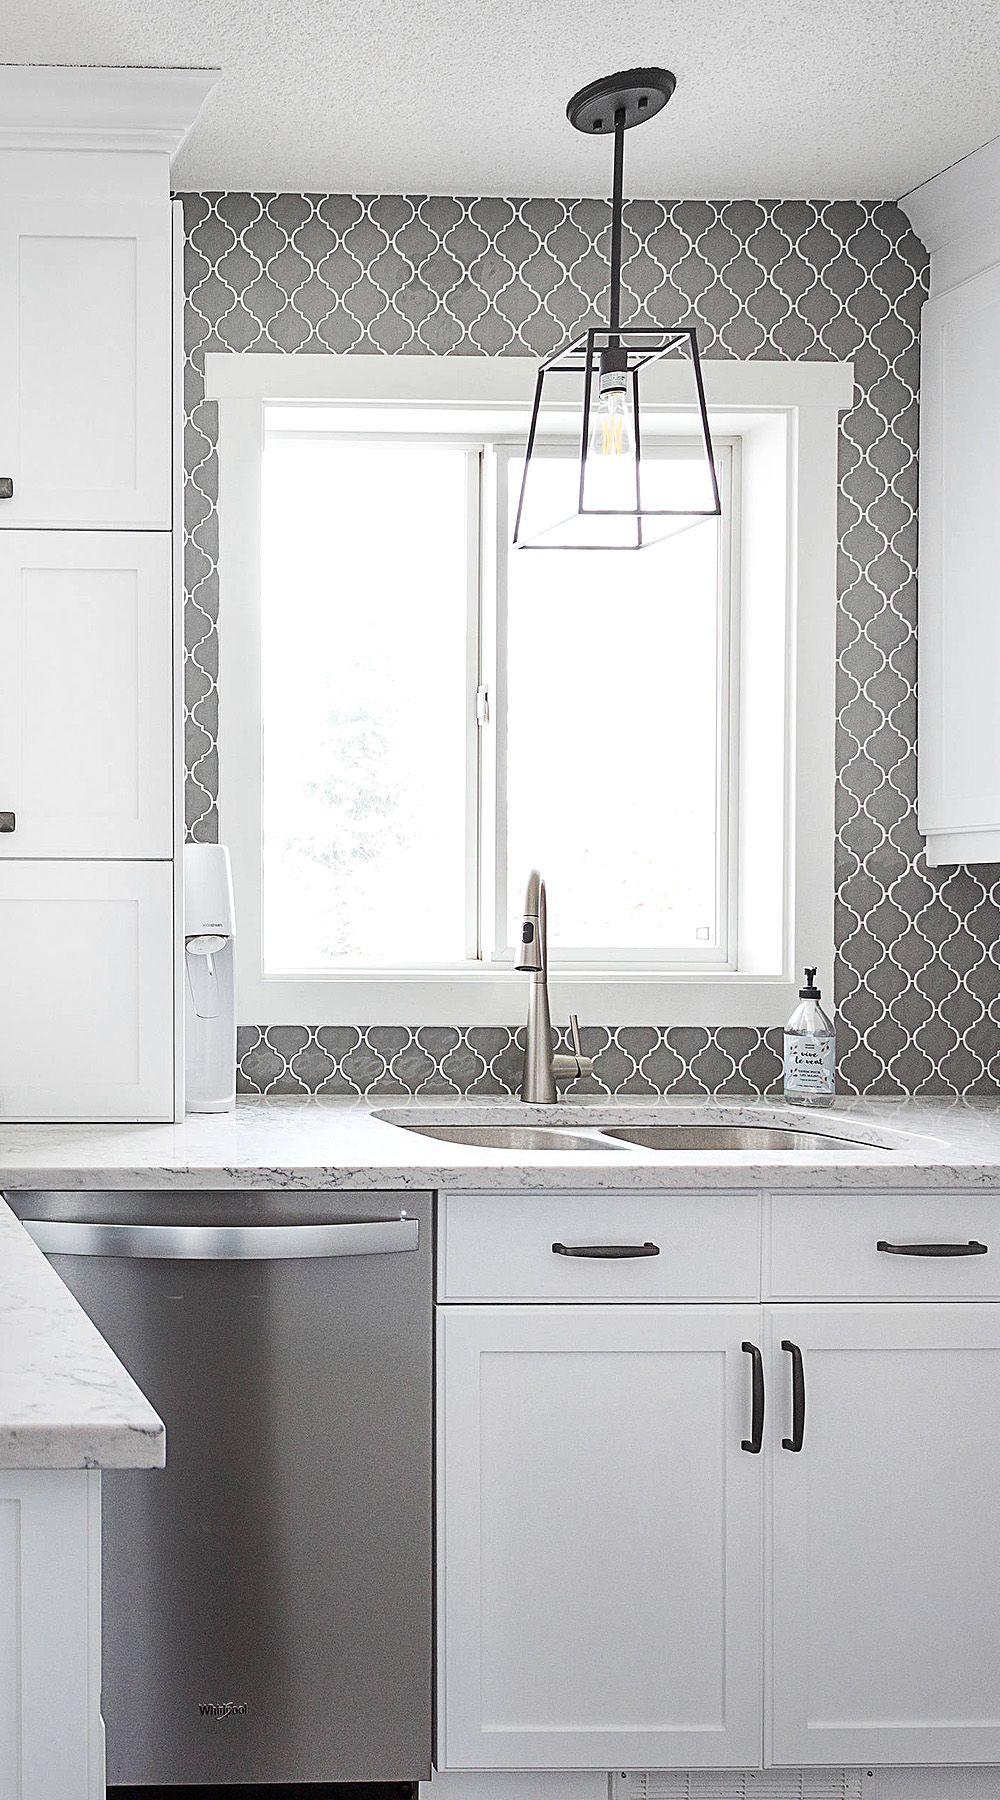 44 Top Arabesque Tile Kitchen Backsplash Design Ideas Arabesque Tile Kitchen Arabesque Tile Backsplash Kitchen Kitchen Backsplash Designs